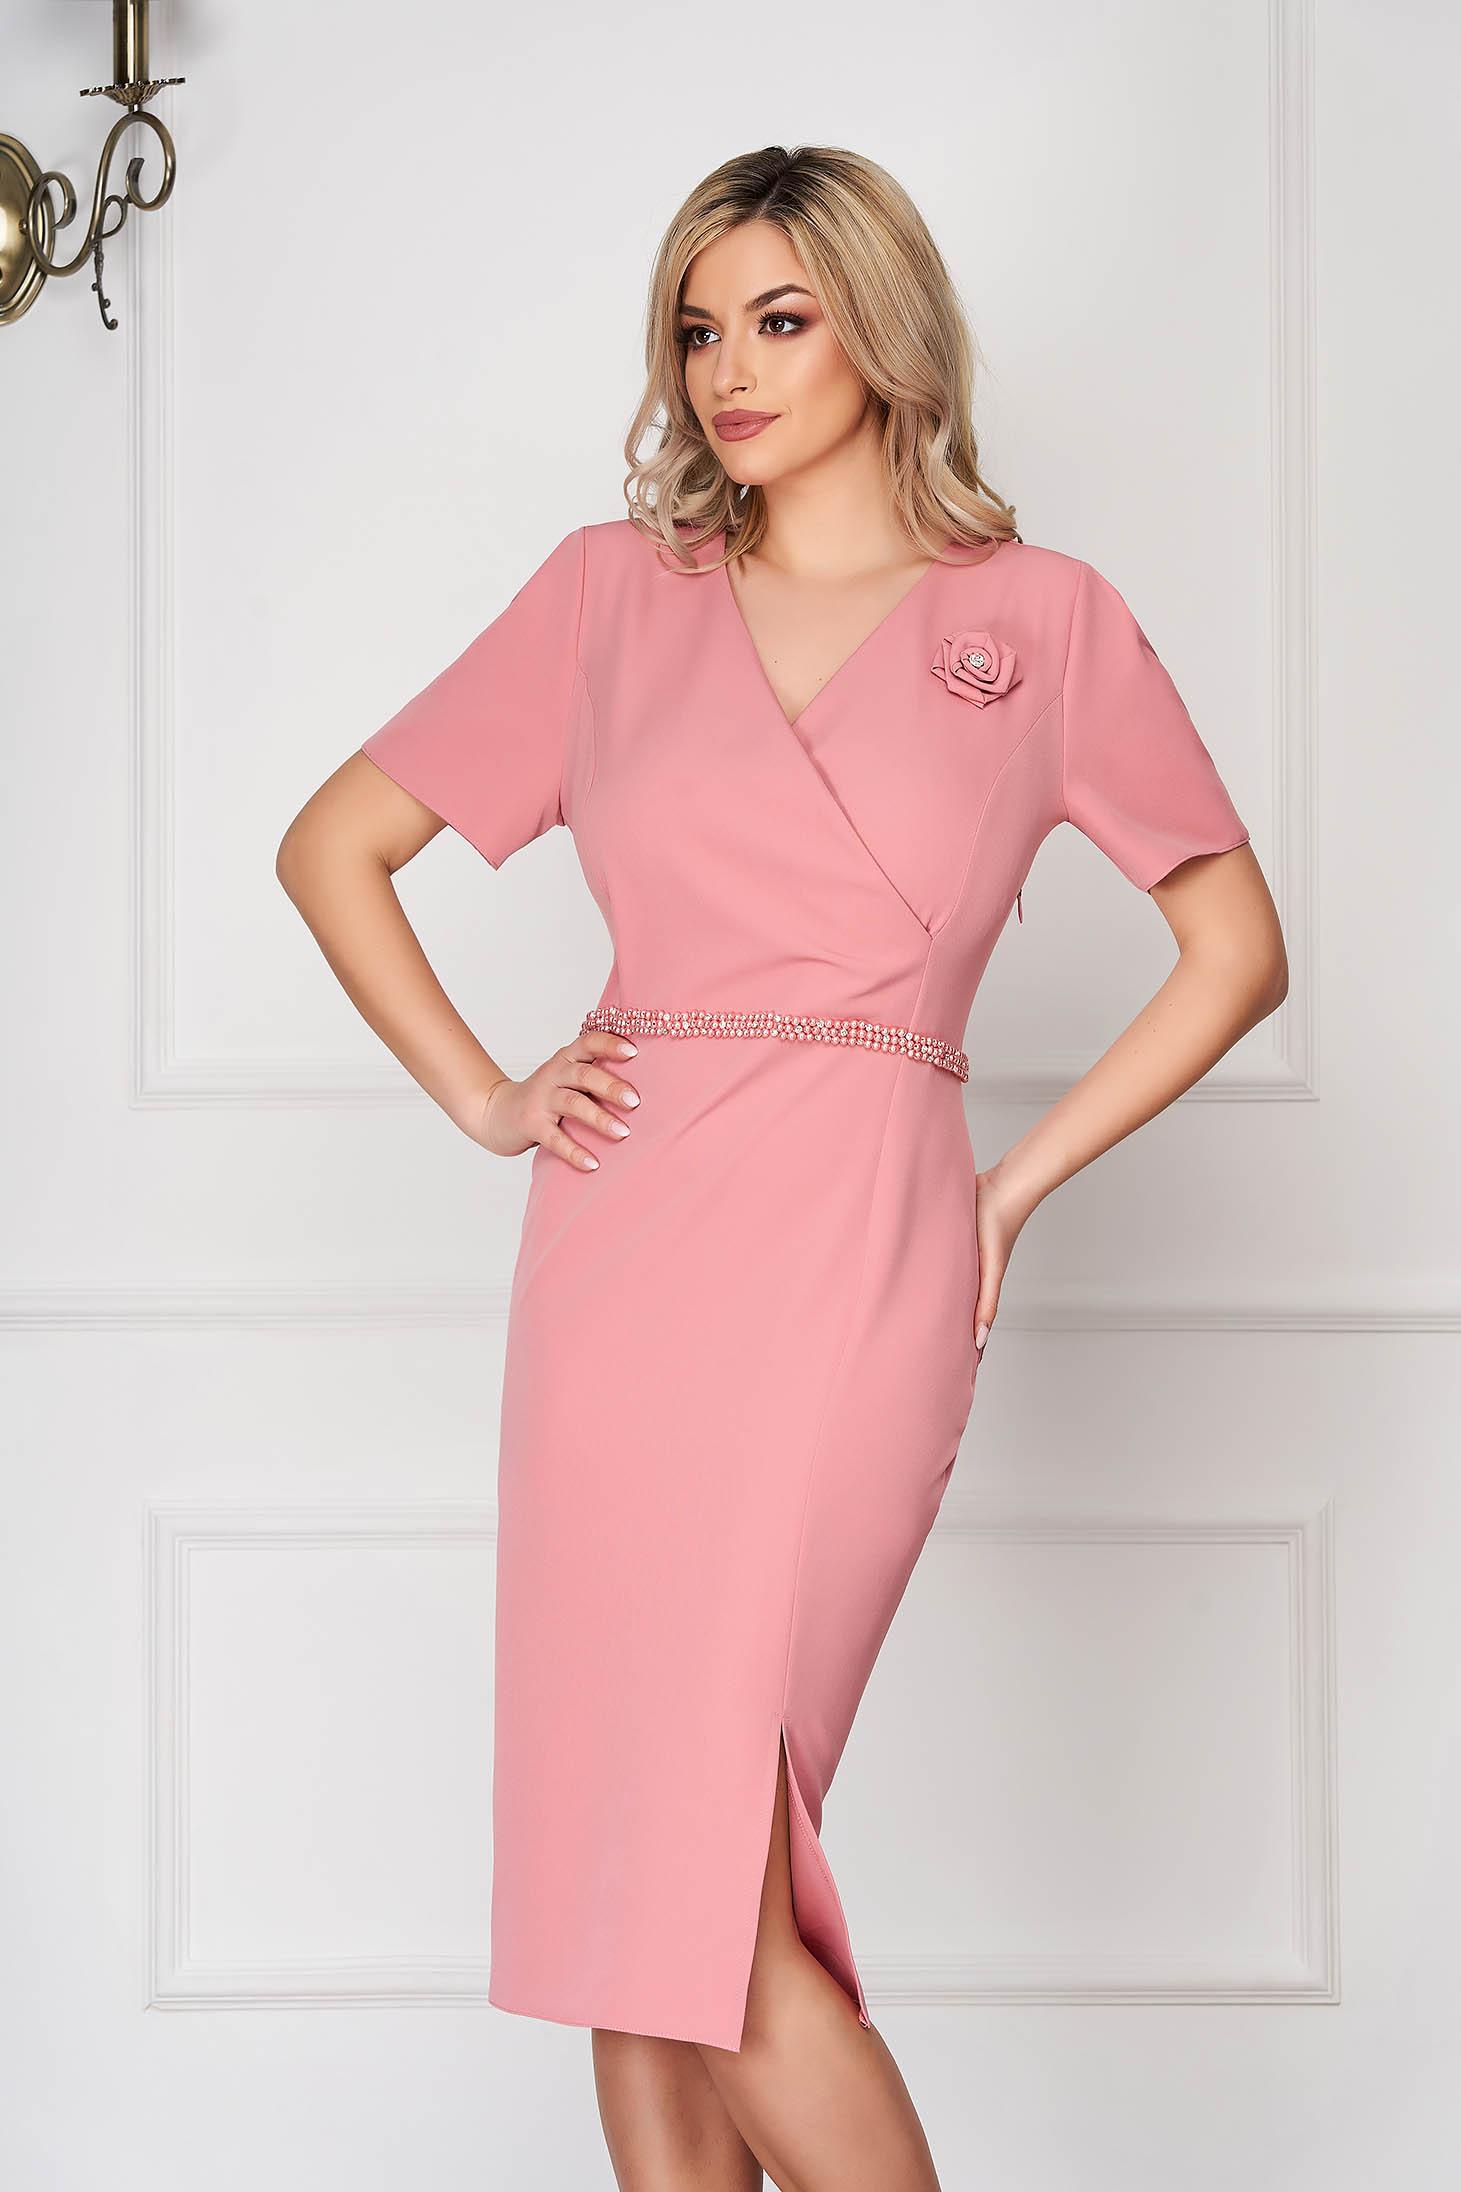 Rochie roz prafuit eleganta midi tip creion din stofa subtire cu maneci scurte